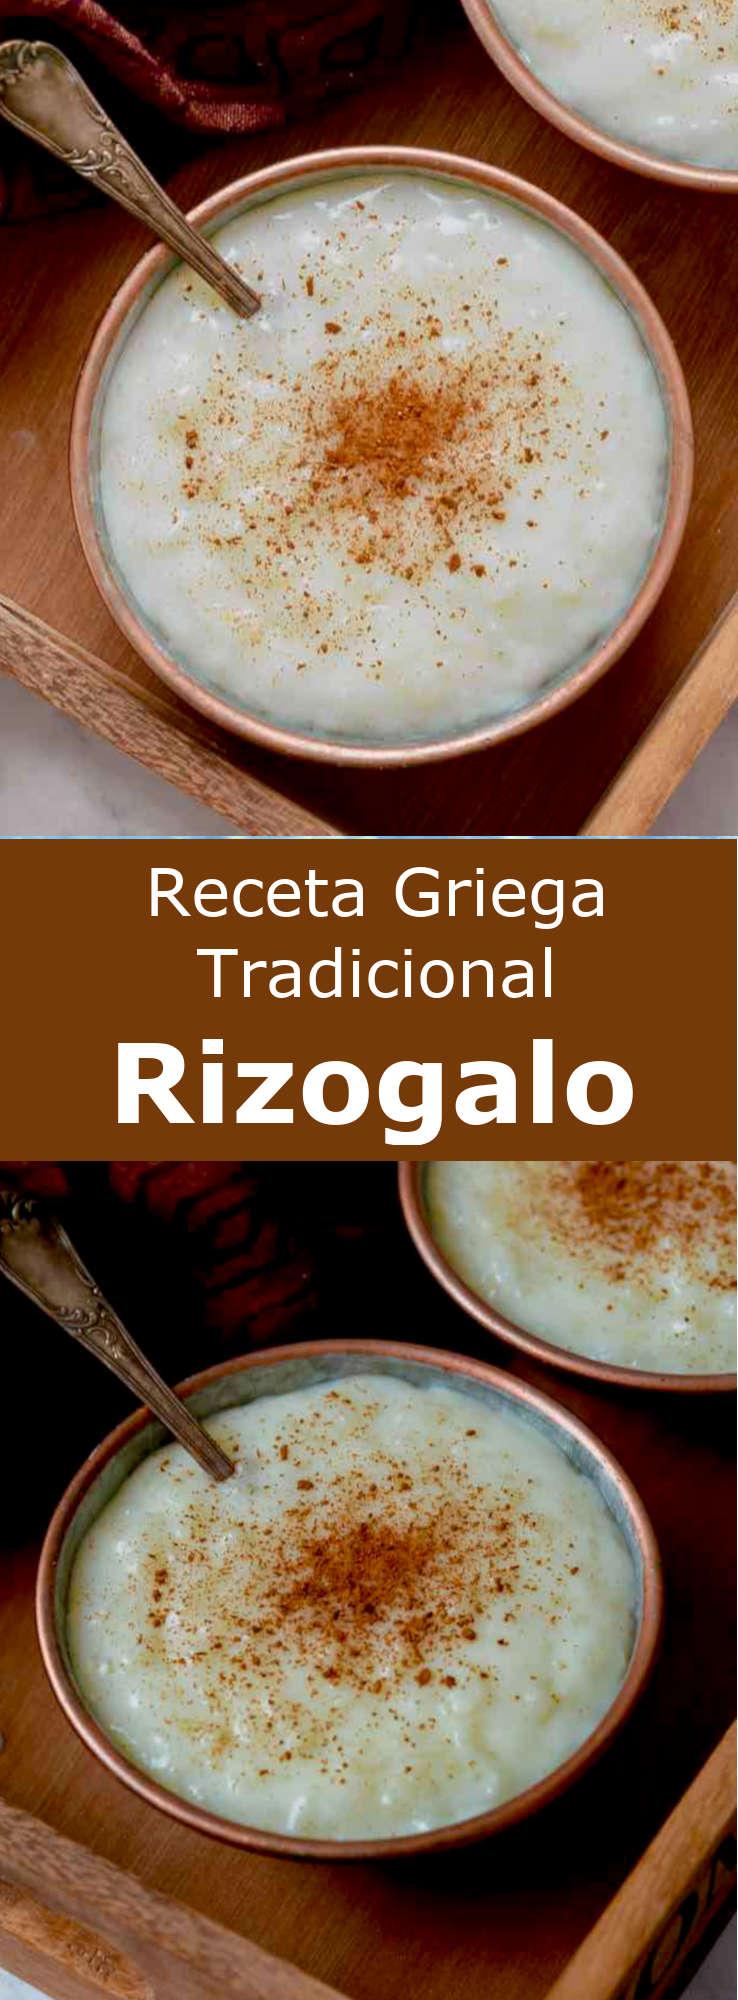 El rizogalo (pυζόγαλο) es la deliciosa versión griega del tradicional de arroz con leche con sabor a vainilla y canela.